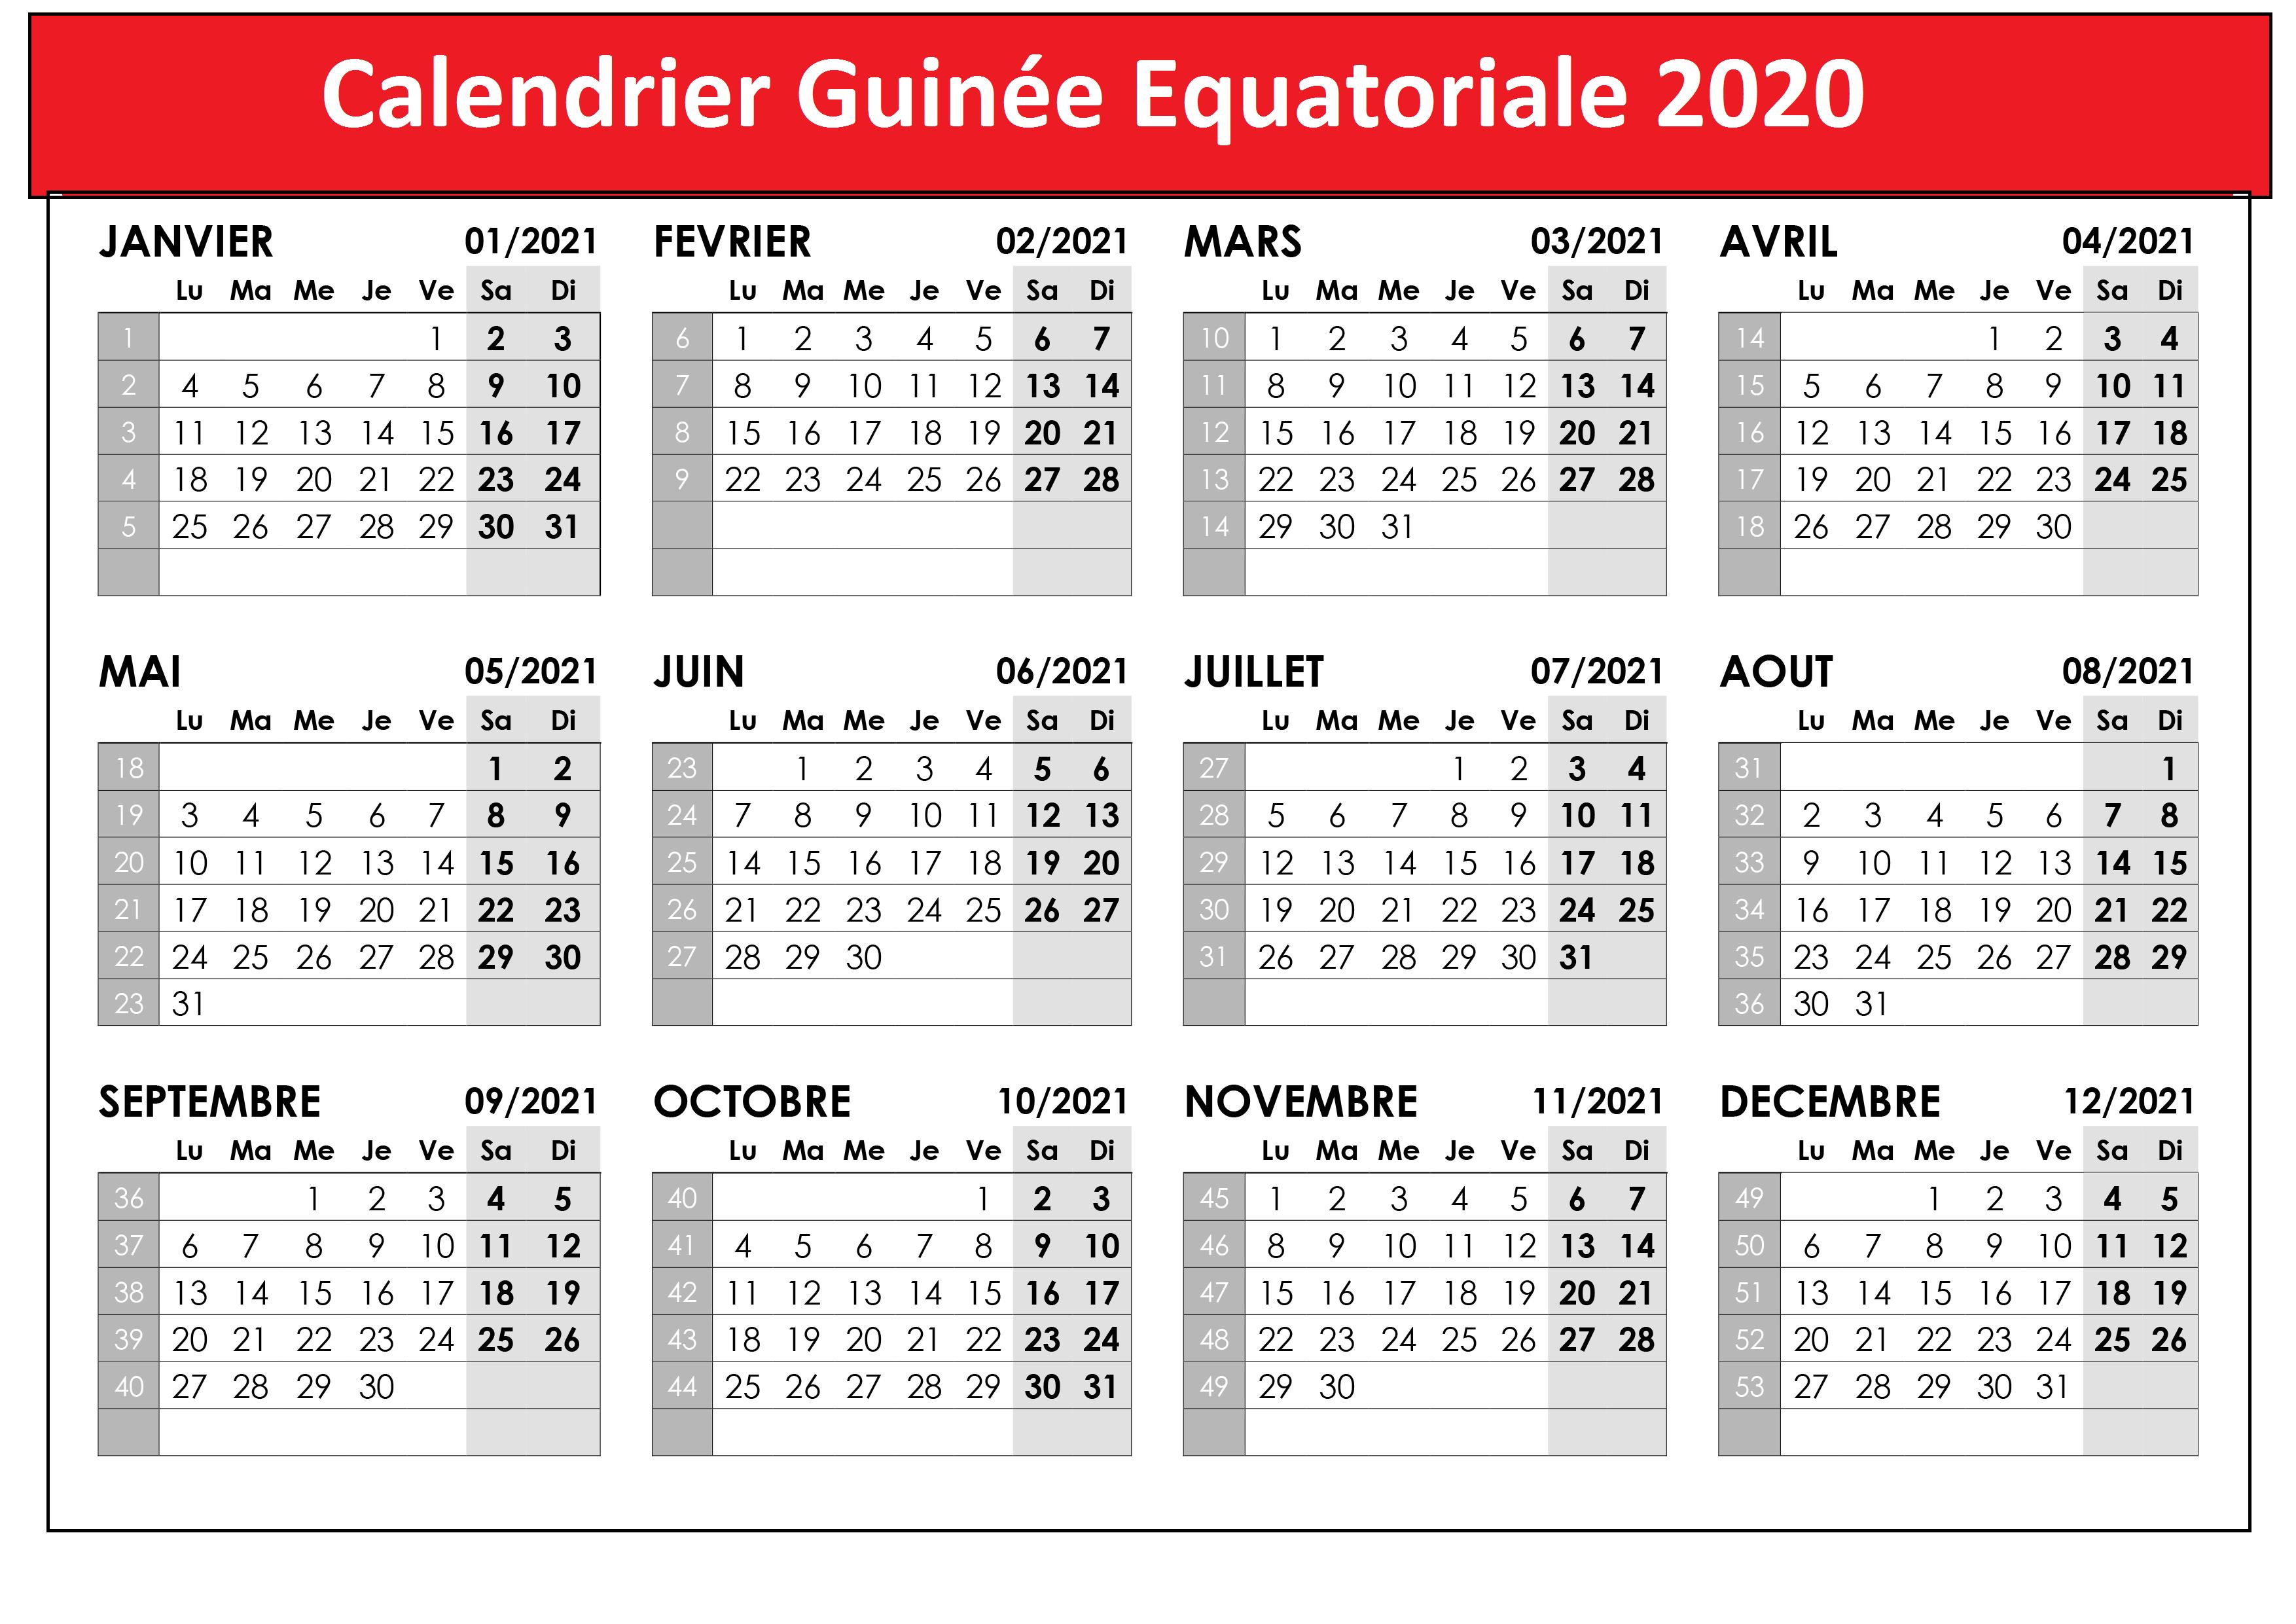 Calendrier Des Vacances Guinée équatoriale 2020